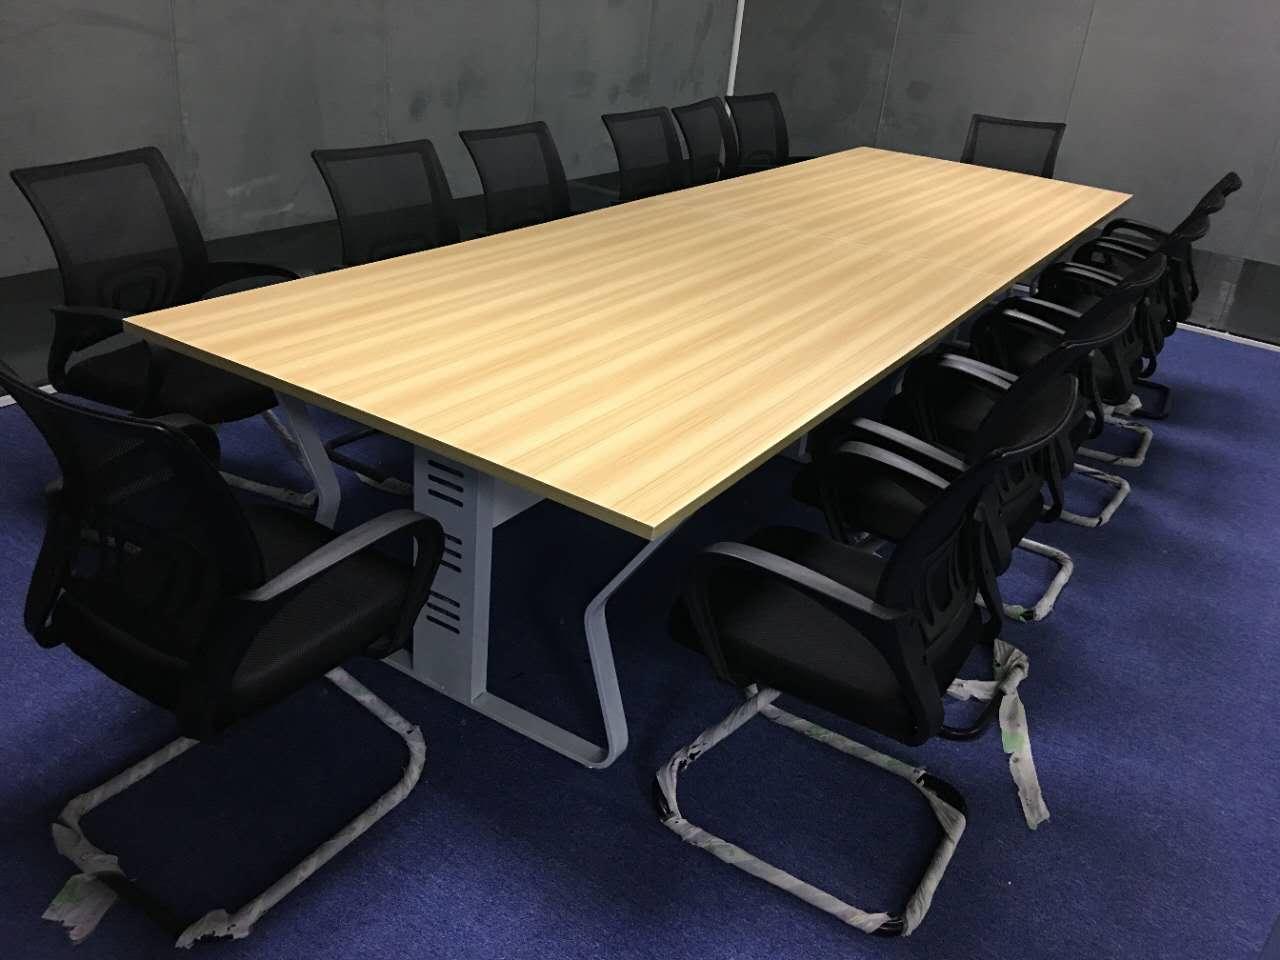 深圳会议桌网上商城 让您享受家一般的会议桌环境 薄利城